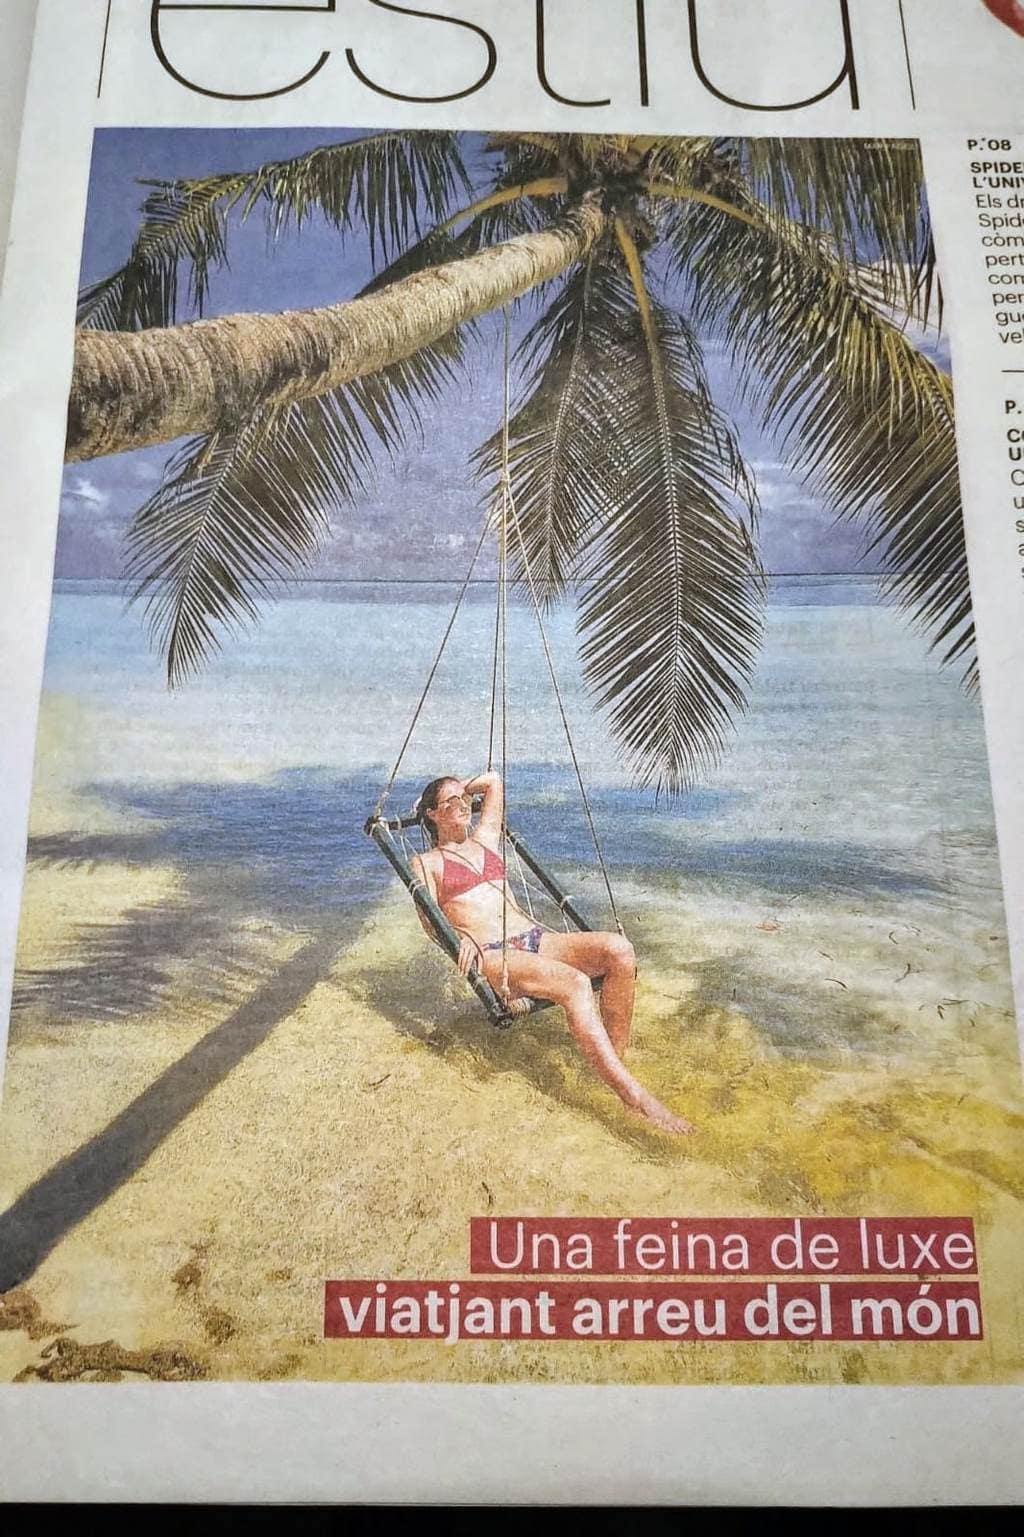 Ara newspaper cover